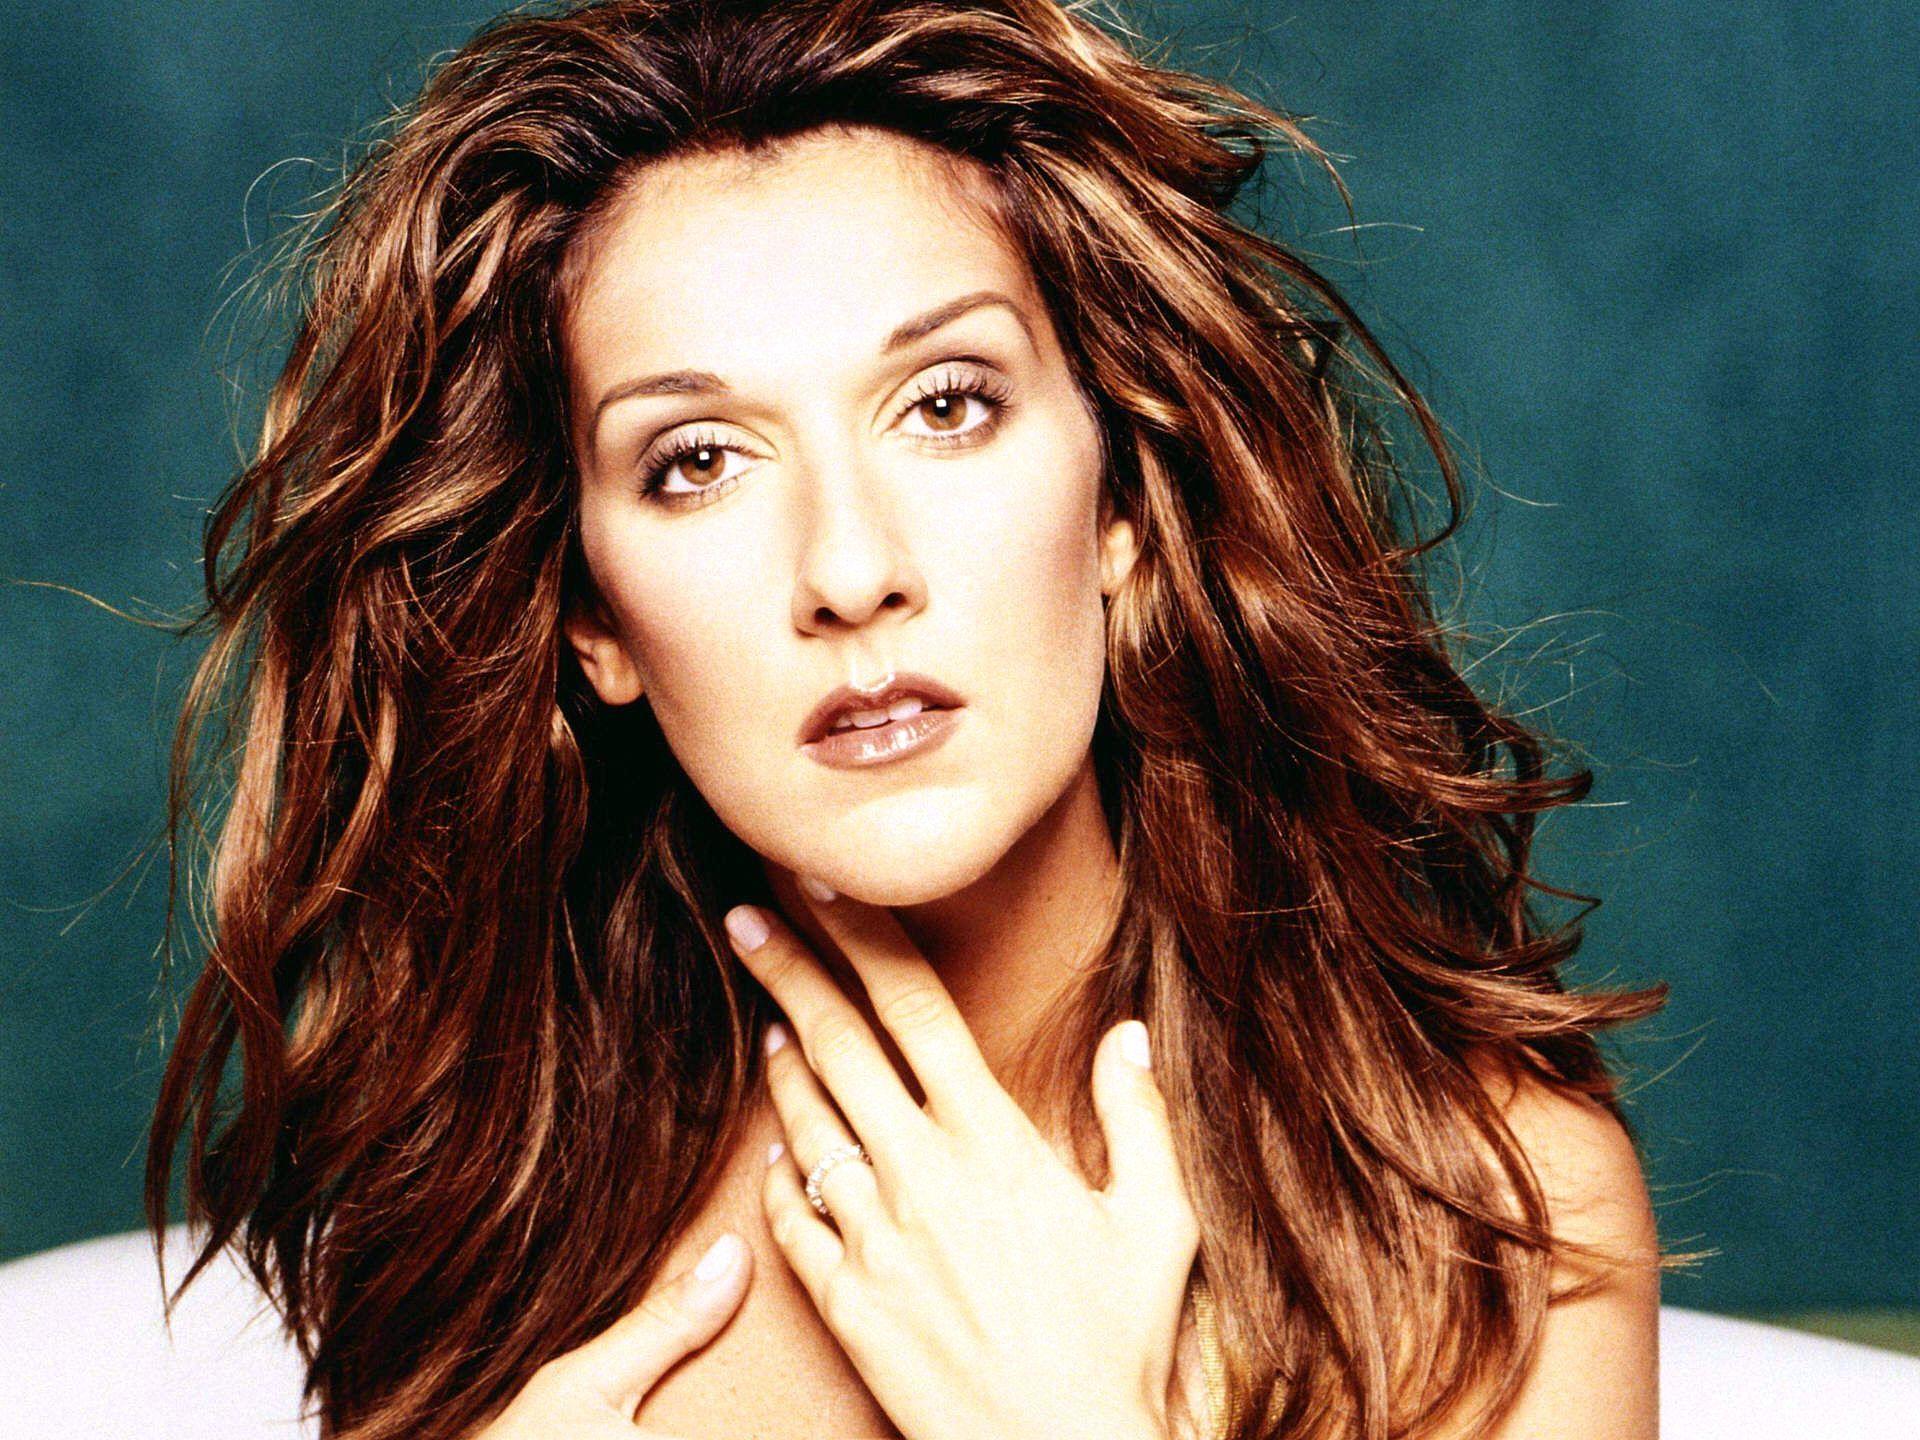 Google Image Result For Http Www Imgbase Info Images Safe Wallpapers Celebrit Celine Dion Celine Dion Tickets Celine Dion Songs